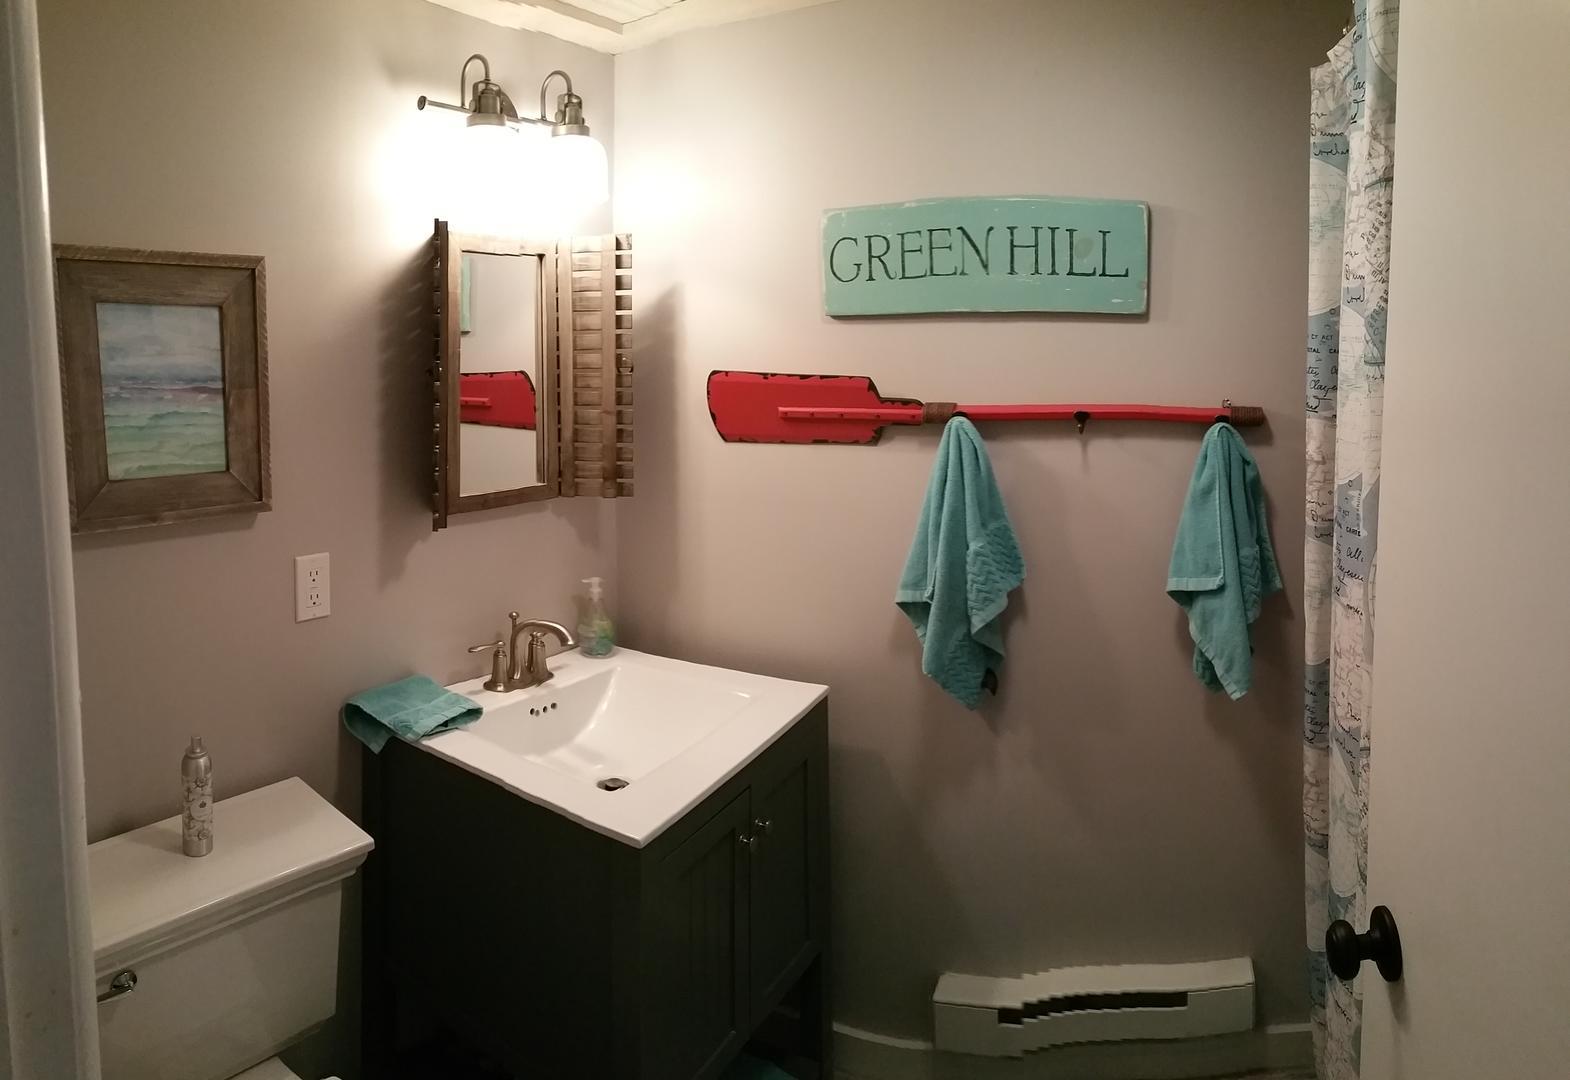 C376 Greenhill